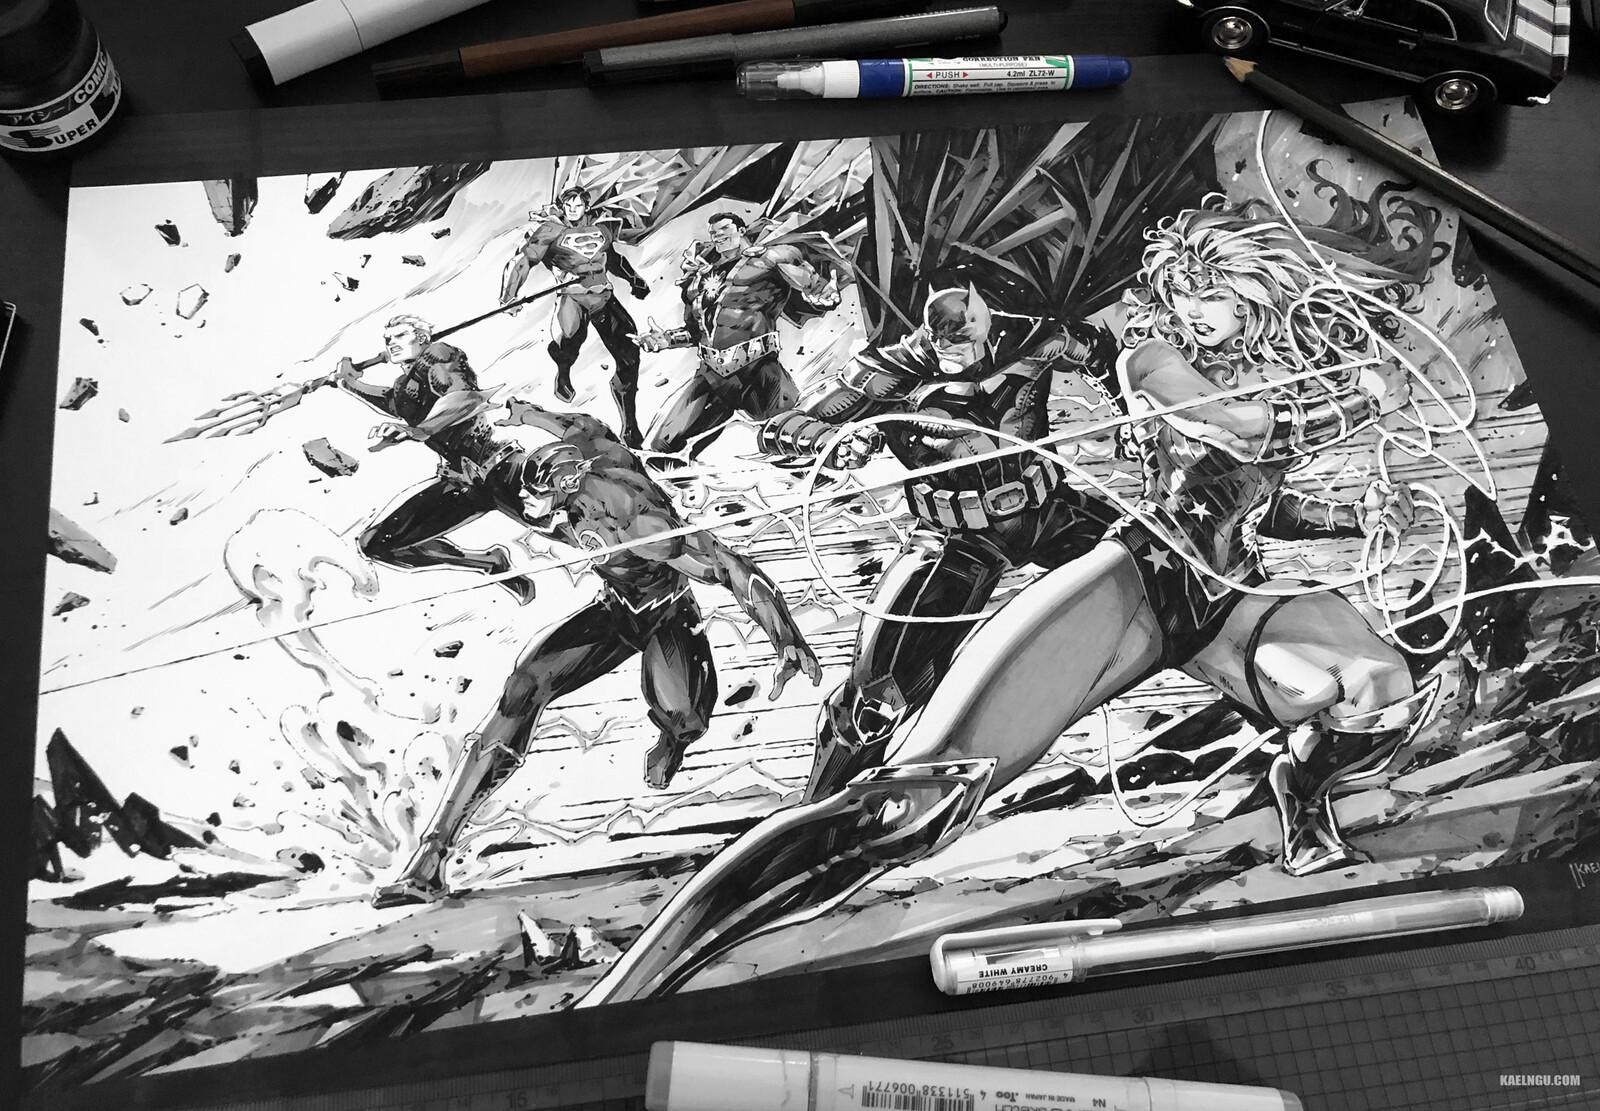 Justice League 3.0